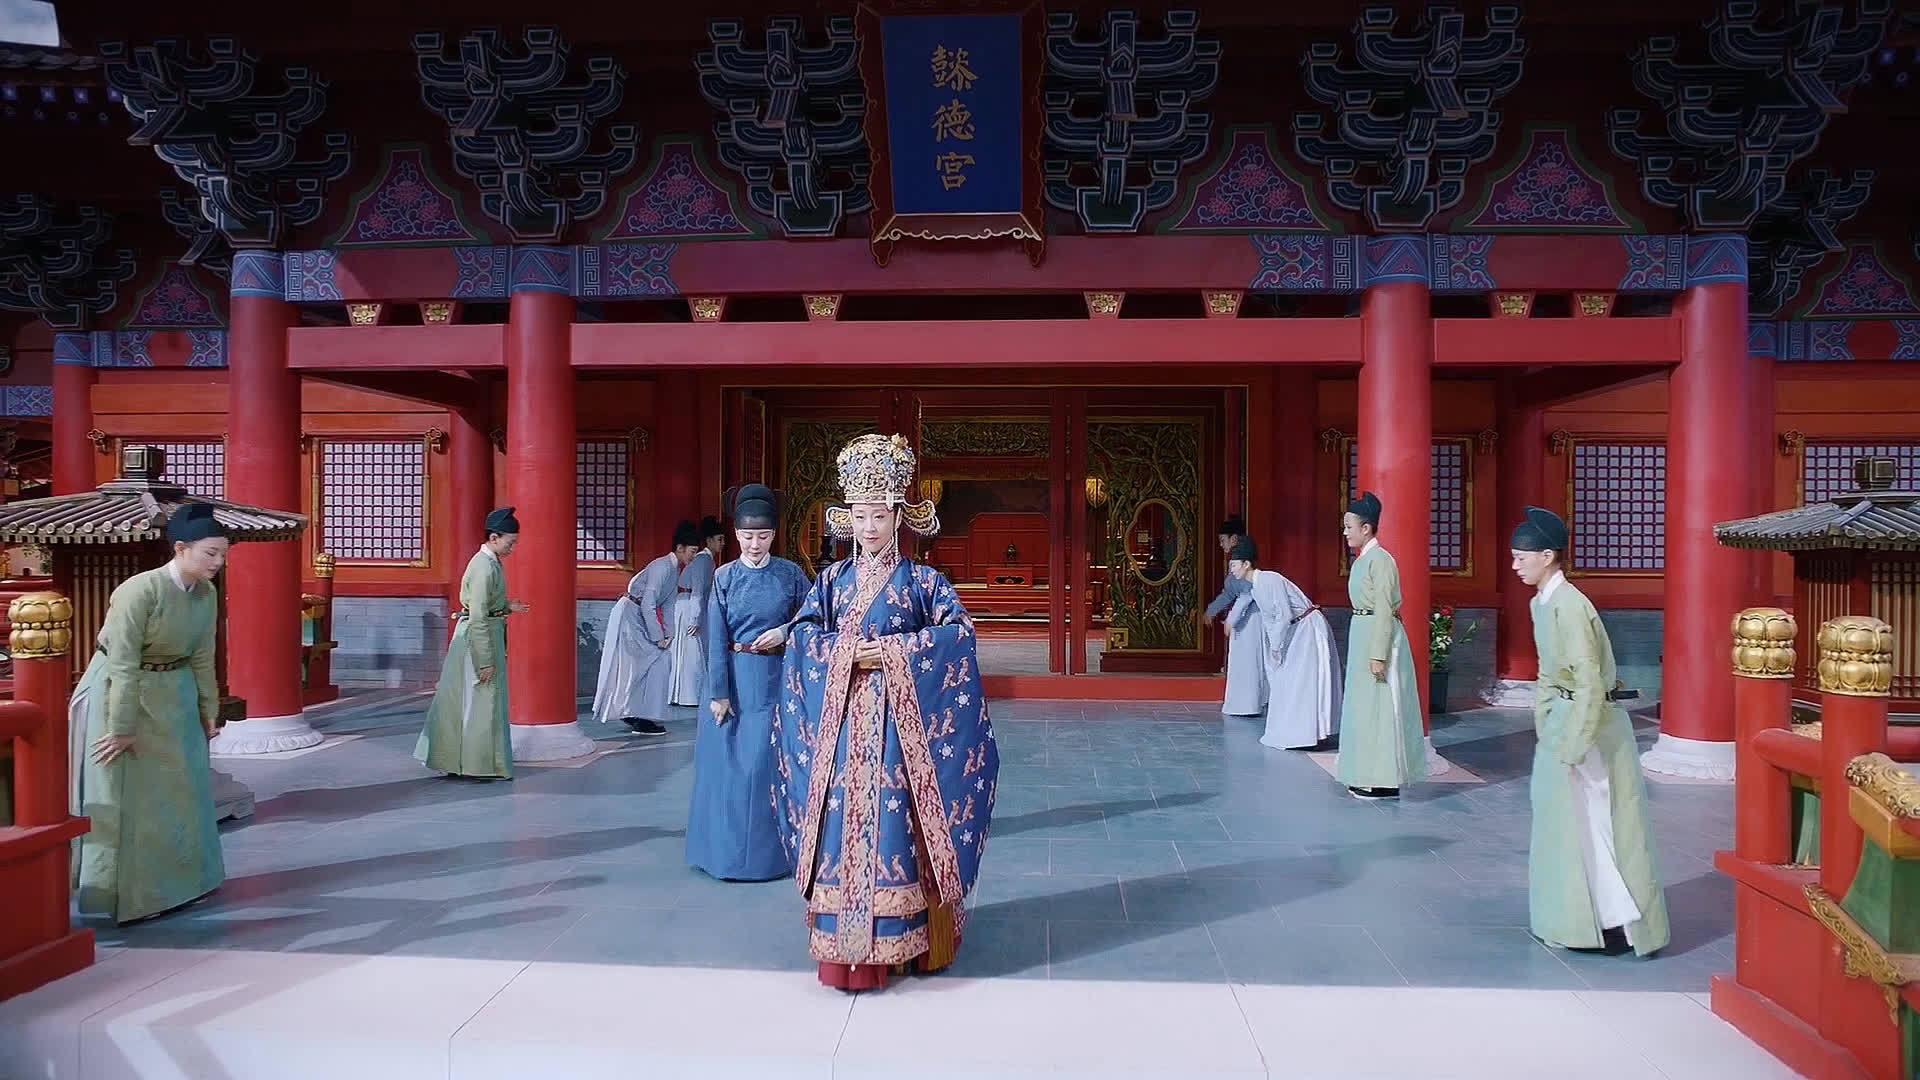 赵贵妃在宫中小心翼翼活了这么多年,今晚终于升职成功